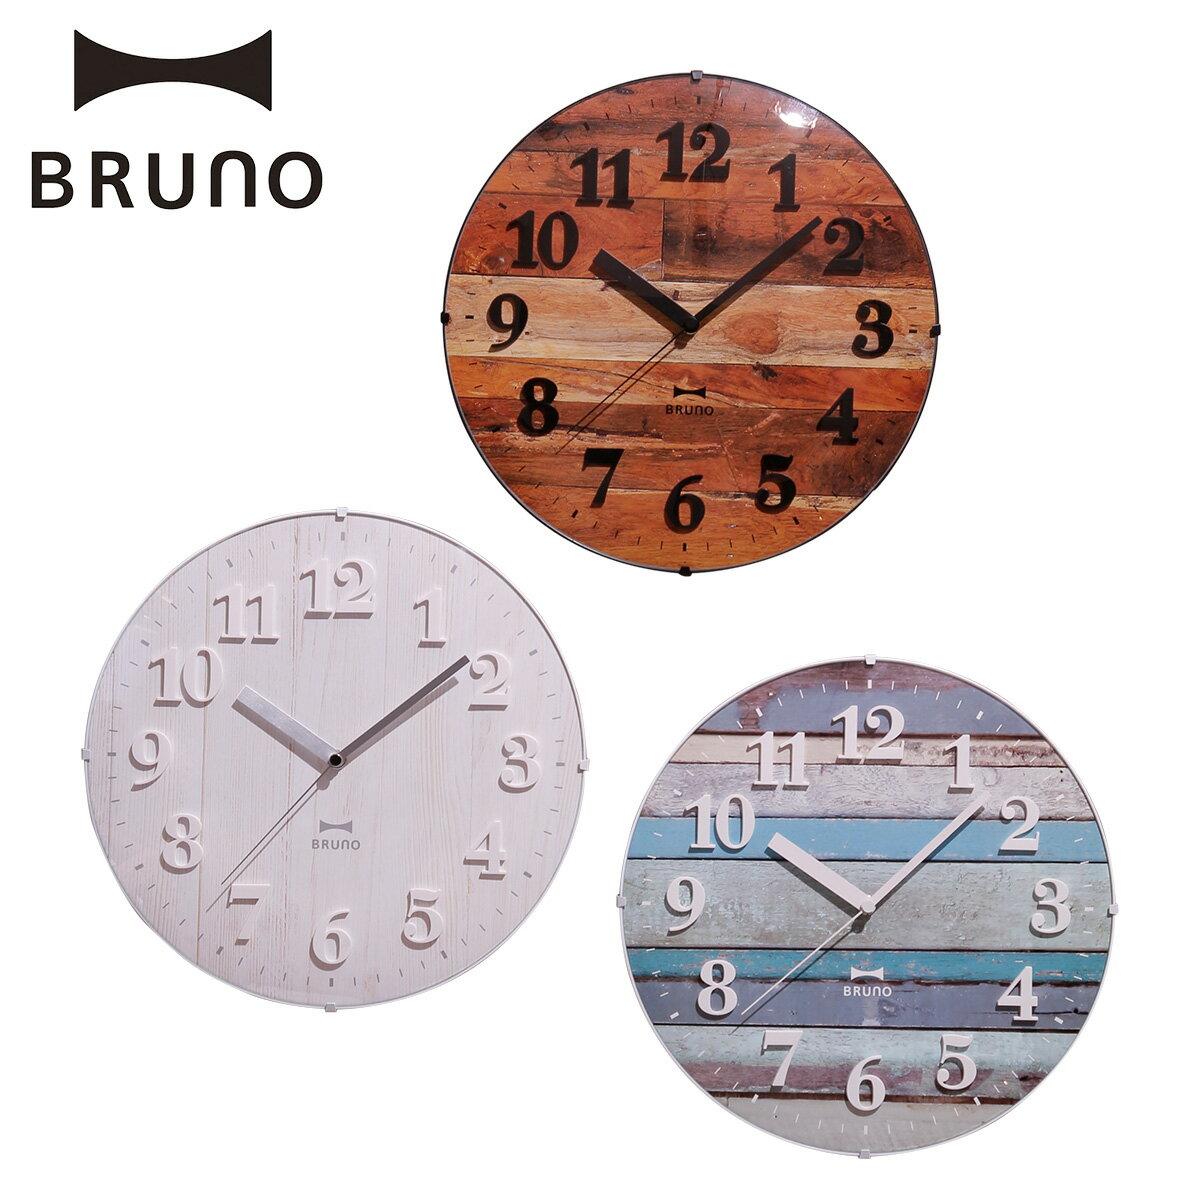 ブルーノ BRUNO 電波時計 掛け時計 ビンテージウッドクロック 壁掛け アンティーク 木目調 アナログ ラウンド型 丸 ヴィンテージ 北欧 ウォールクロック ホワイト ブルー ブラウン 白 BCR008